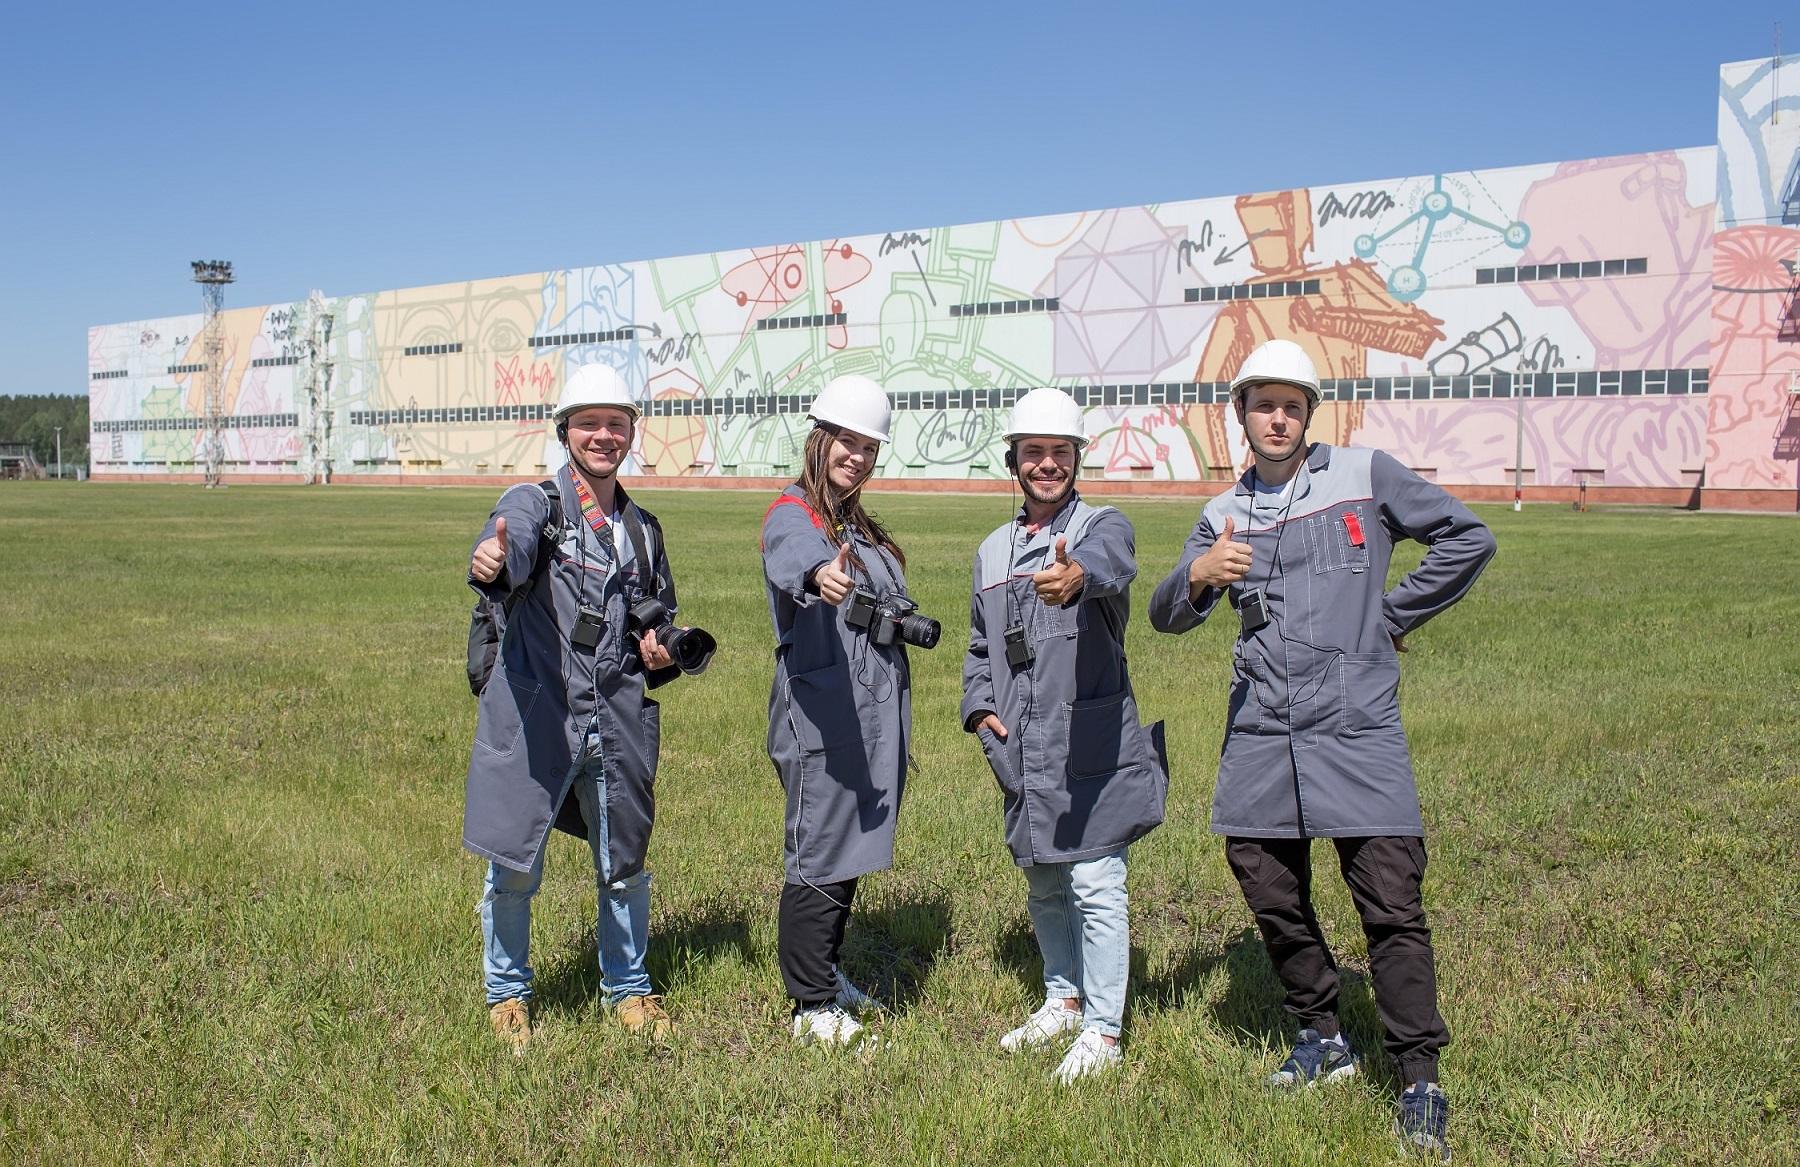 ОМК открыла уникальный туристический маршрут по индустриальному стрит-арт парку